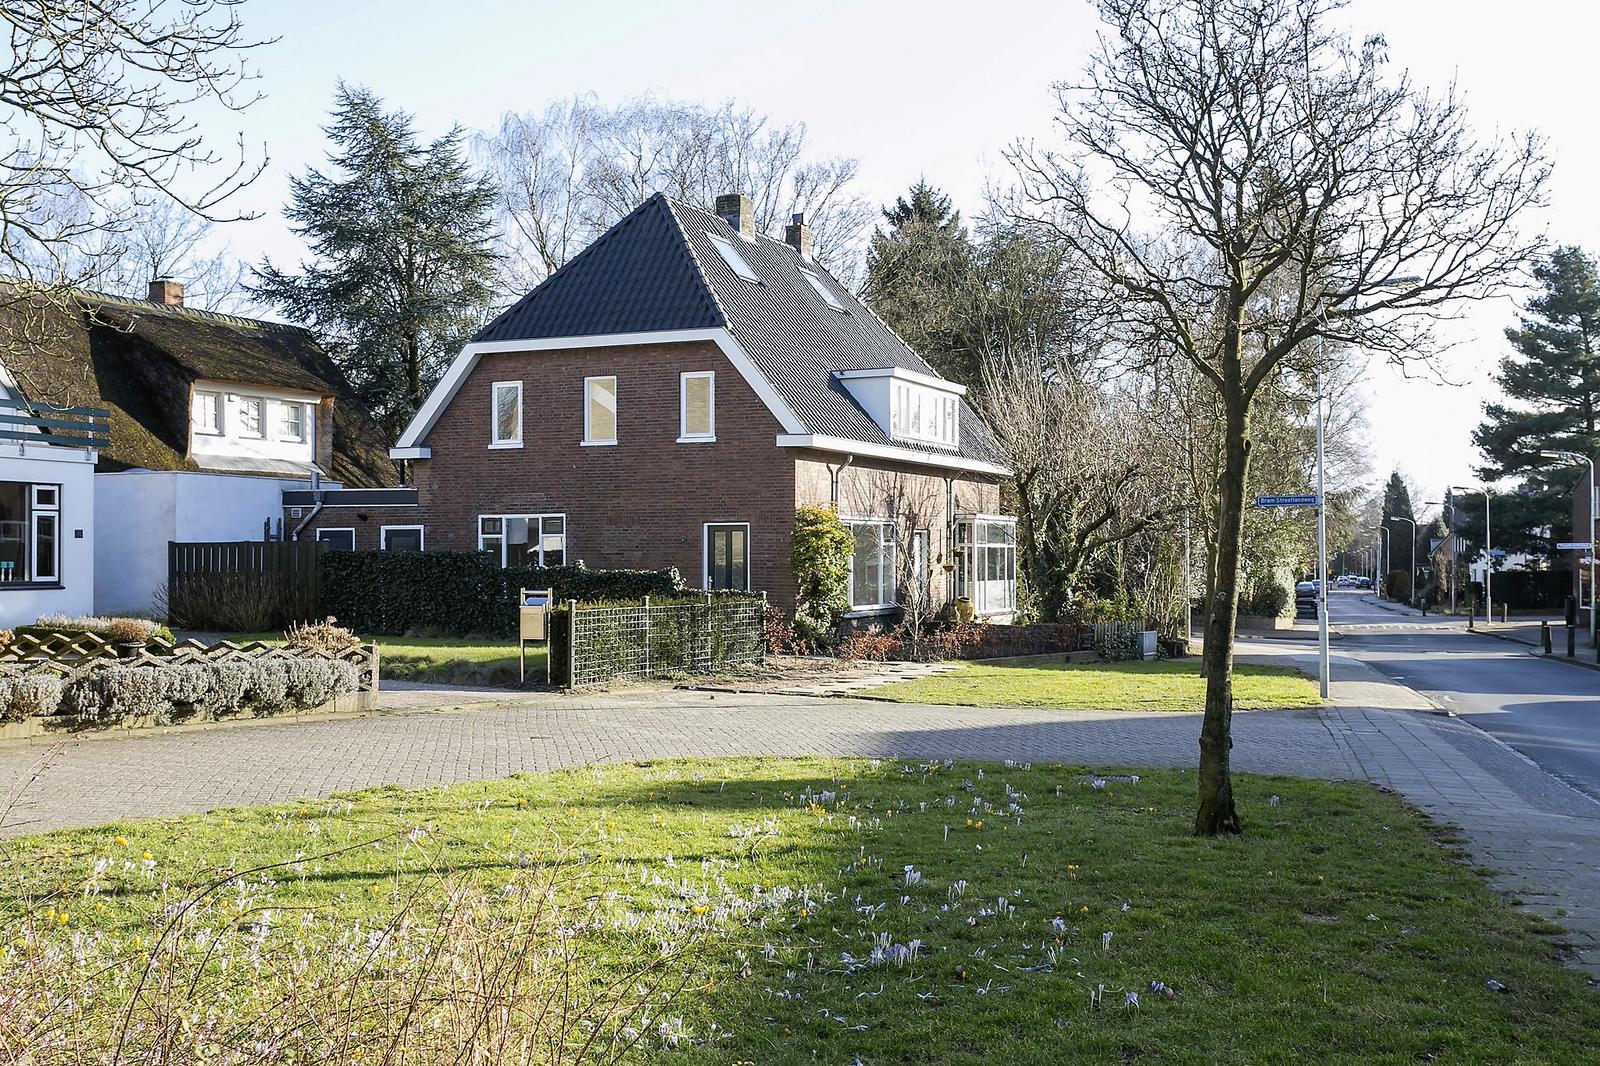 Van Ingenweg 73, Renkum